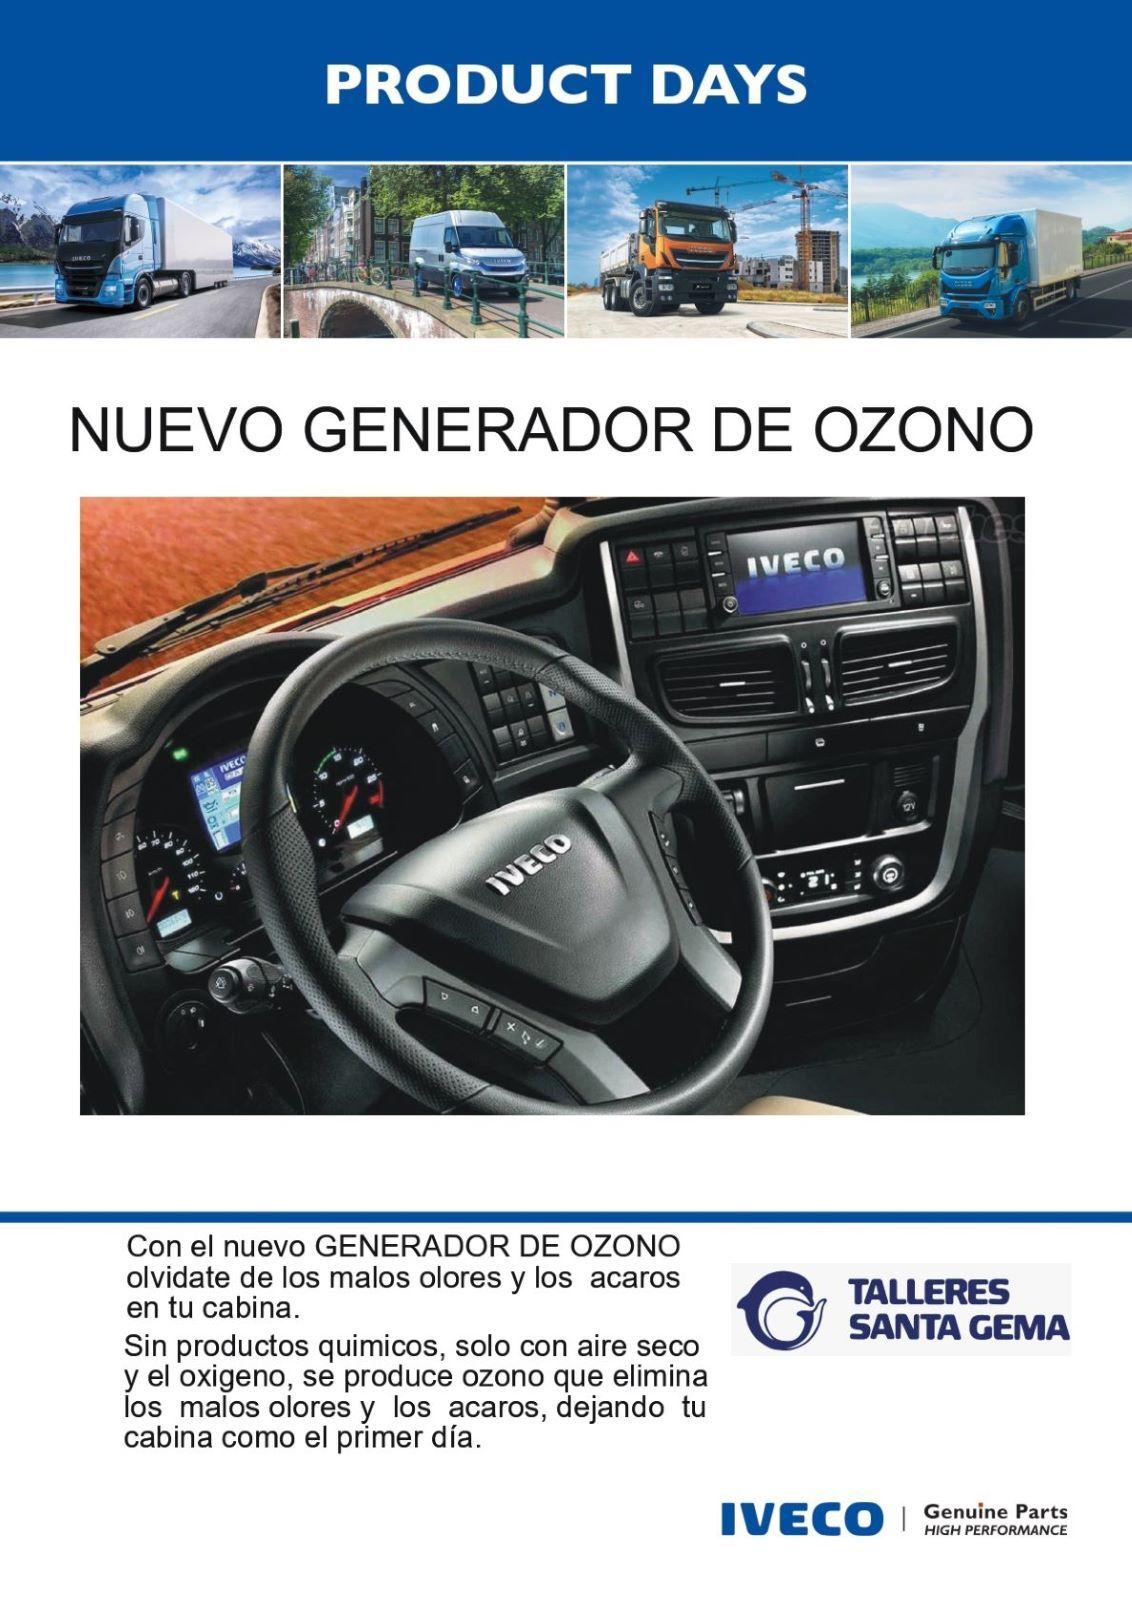 NUEVO REGENERADOR DE OZONO